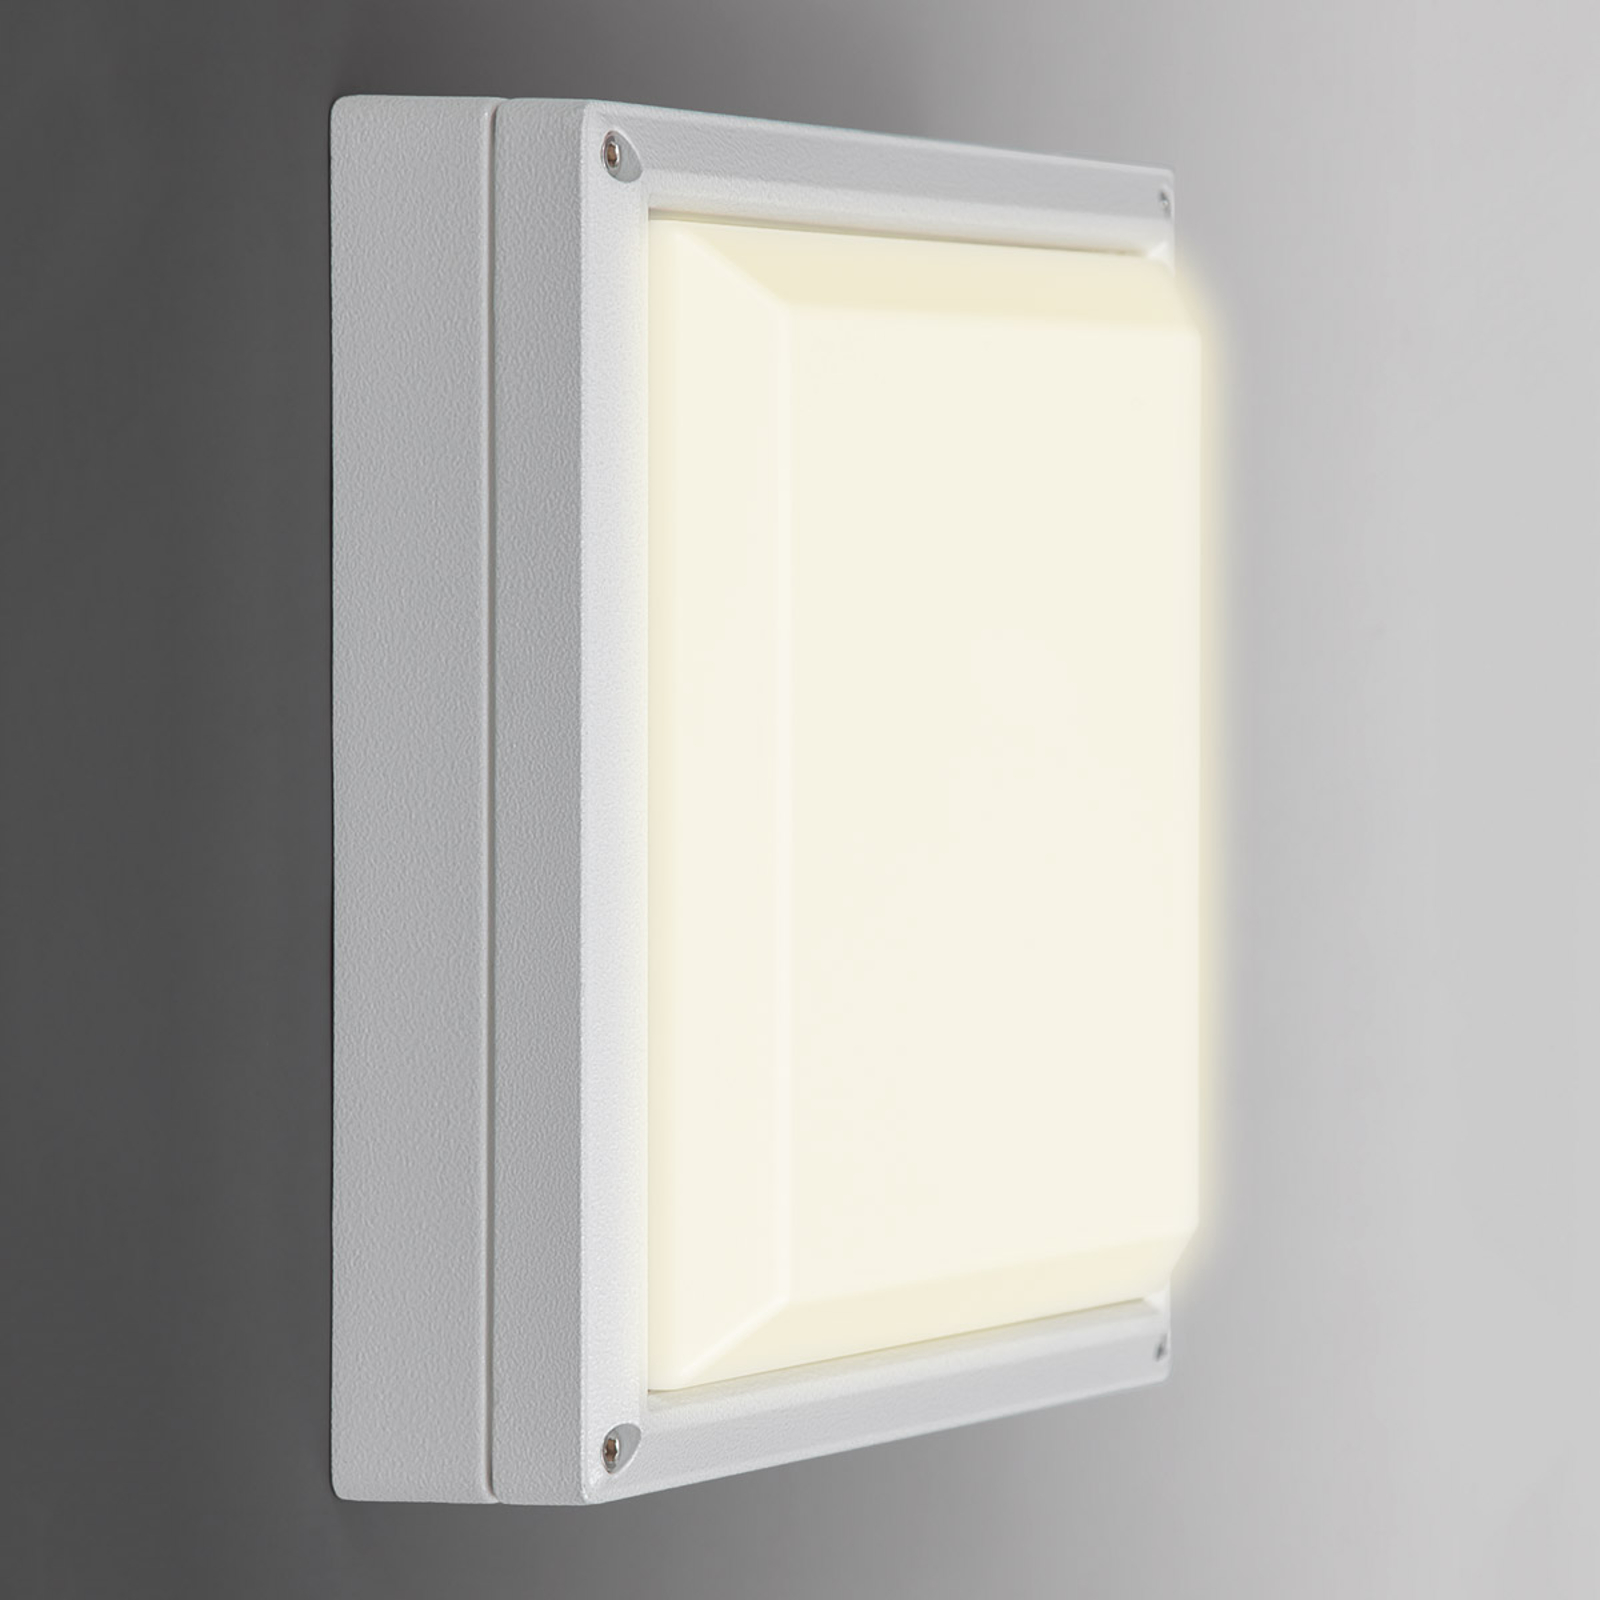 Applique SUN 11 LED 13W, blanc 3 k